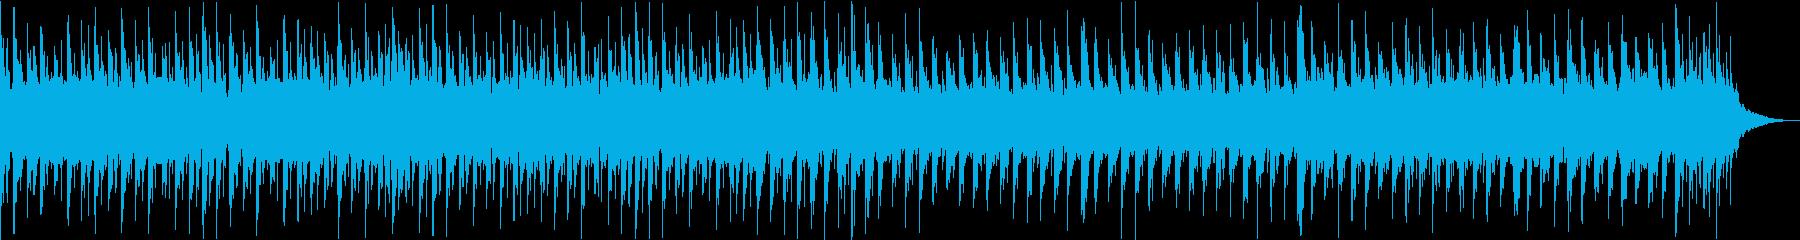 三味線/テクノ/アップテンポ(1分)の再生済みの波形